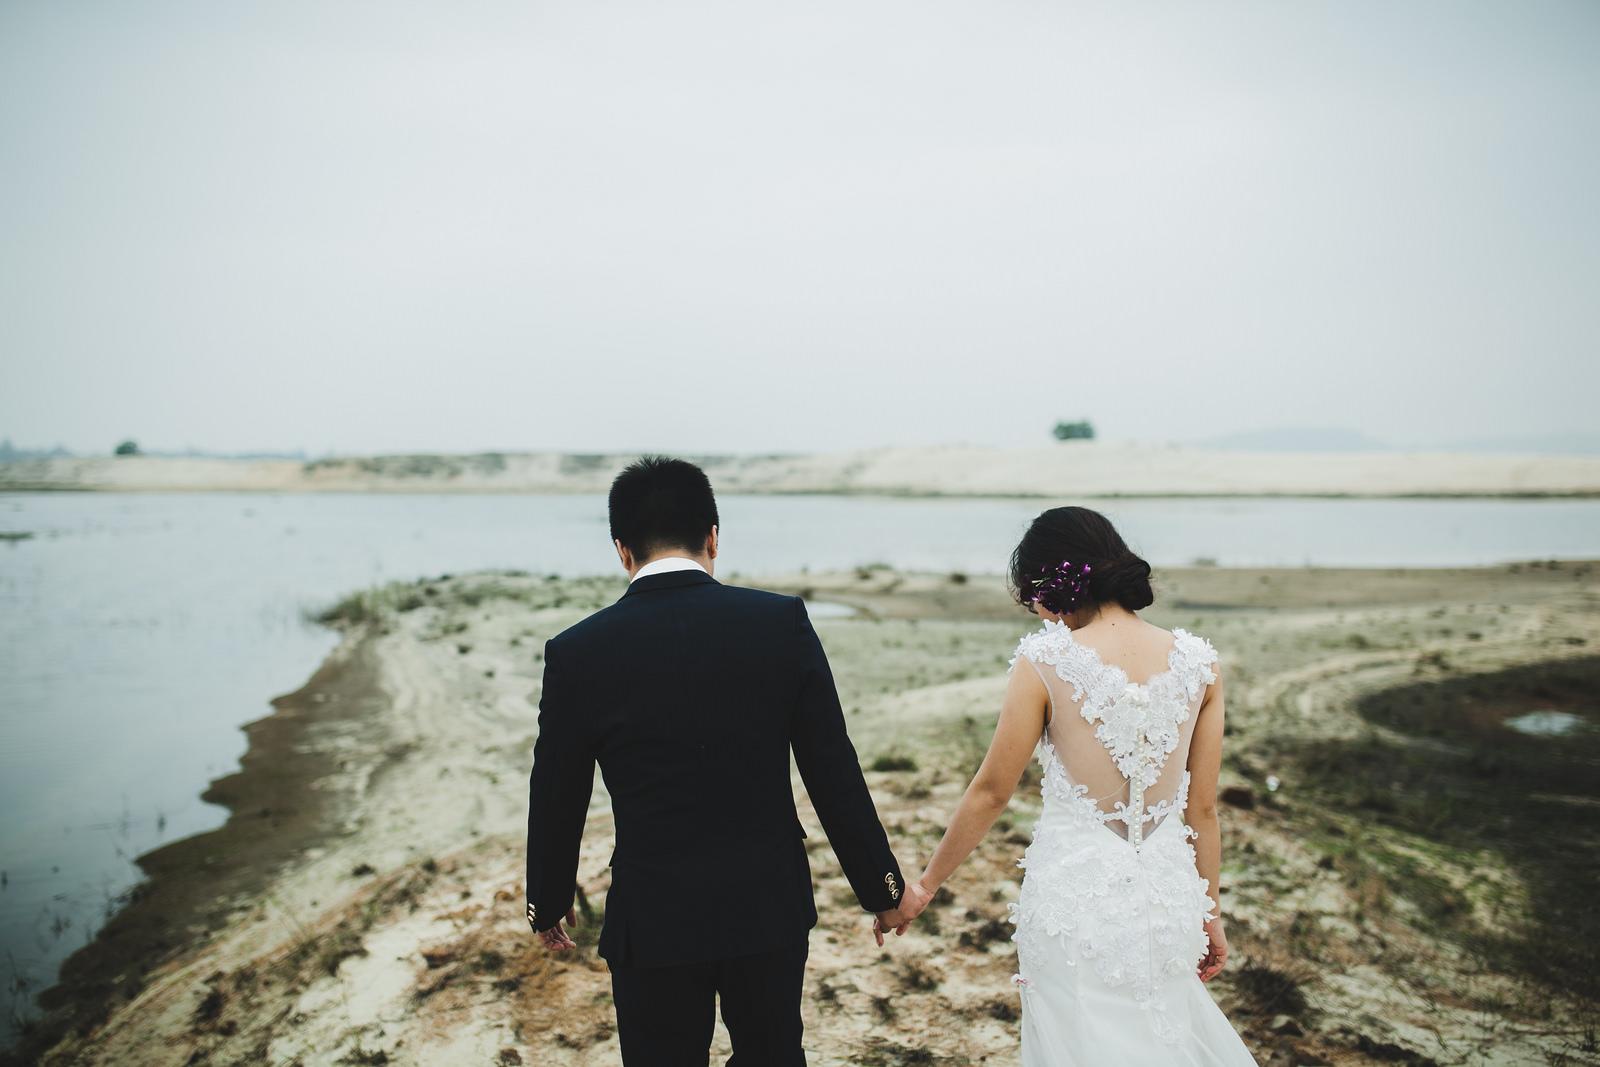 Phụ nữ khôn lấy chồng: Chọn tài không lựa sắc, chọn tâm không lựa túi đầy tiền - Ảnh 2